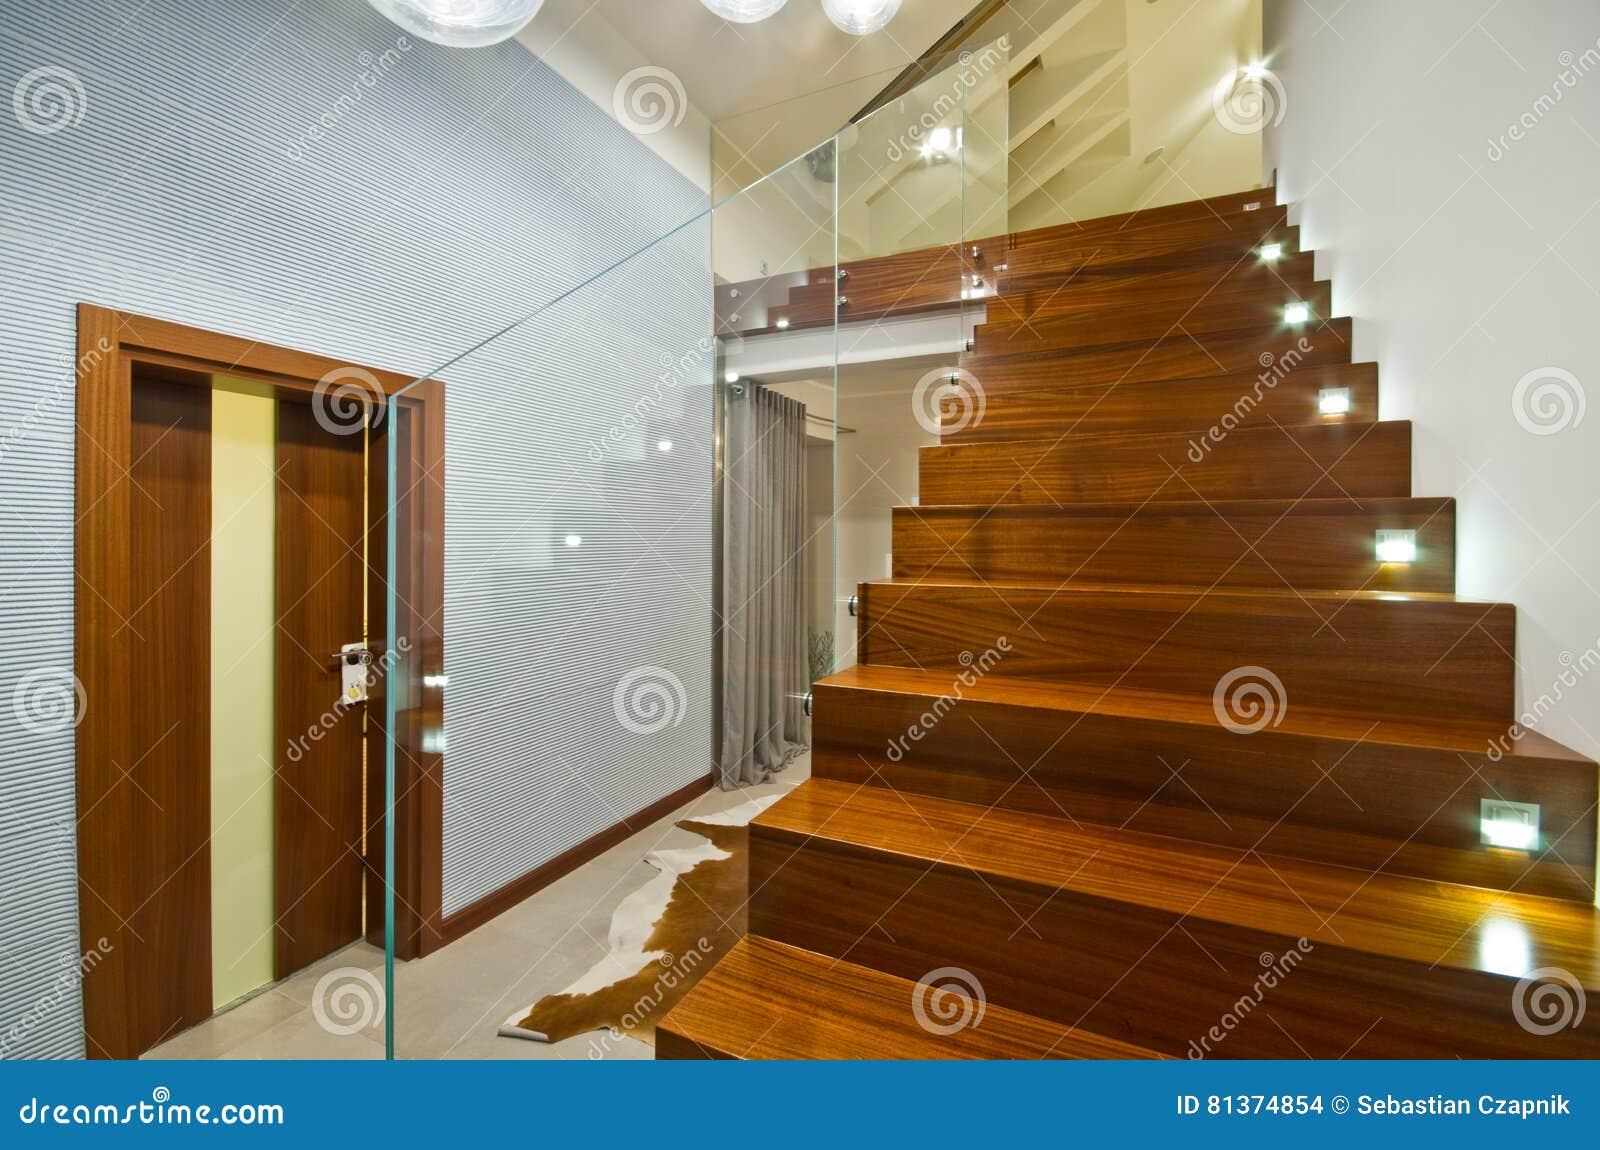 Escaleras interiores modernas top interior de una sala de - Escaleras modernas interiores ...